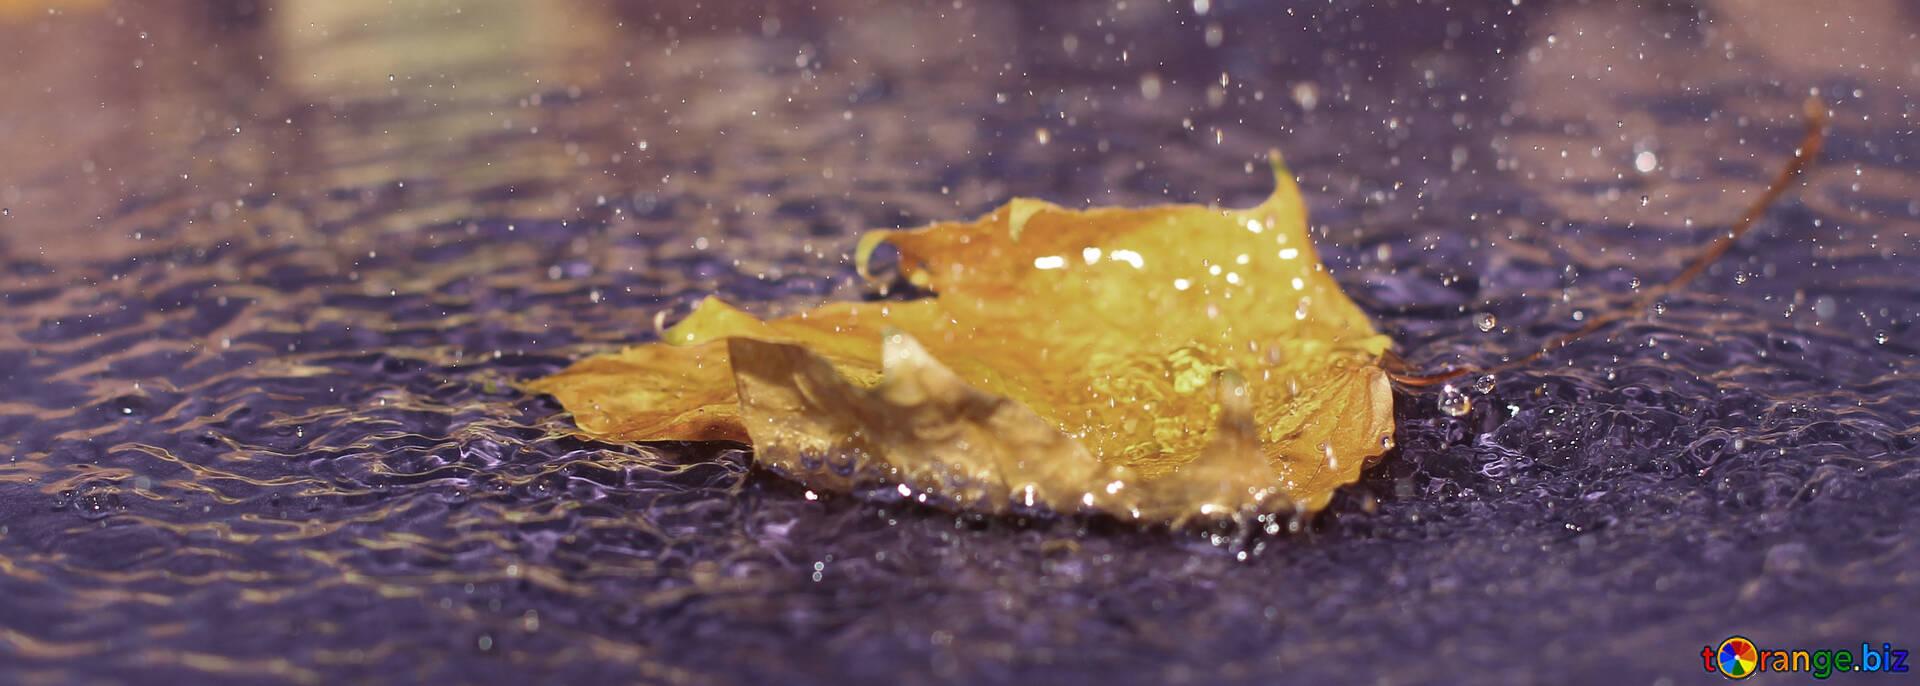 Autumn rain rain fall cover on fb leaves № 34707